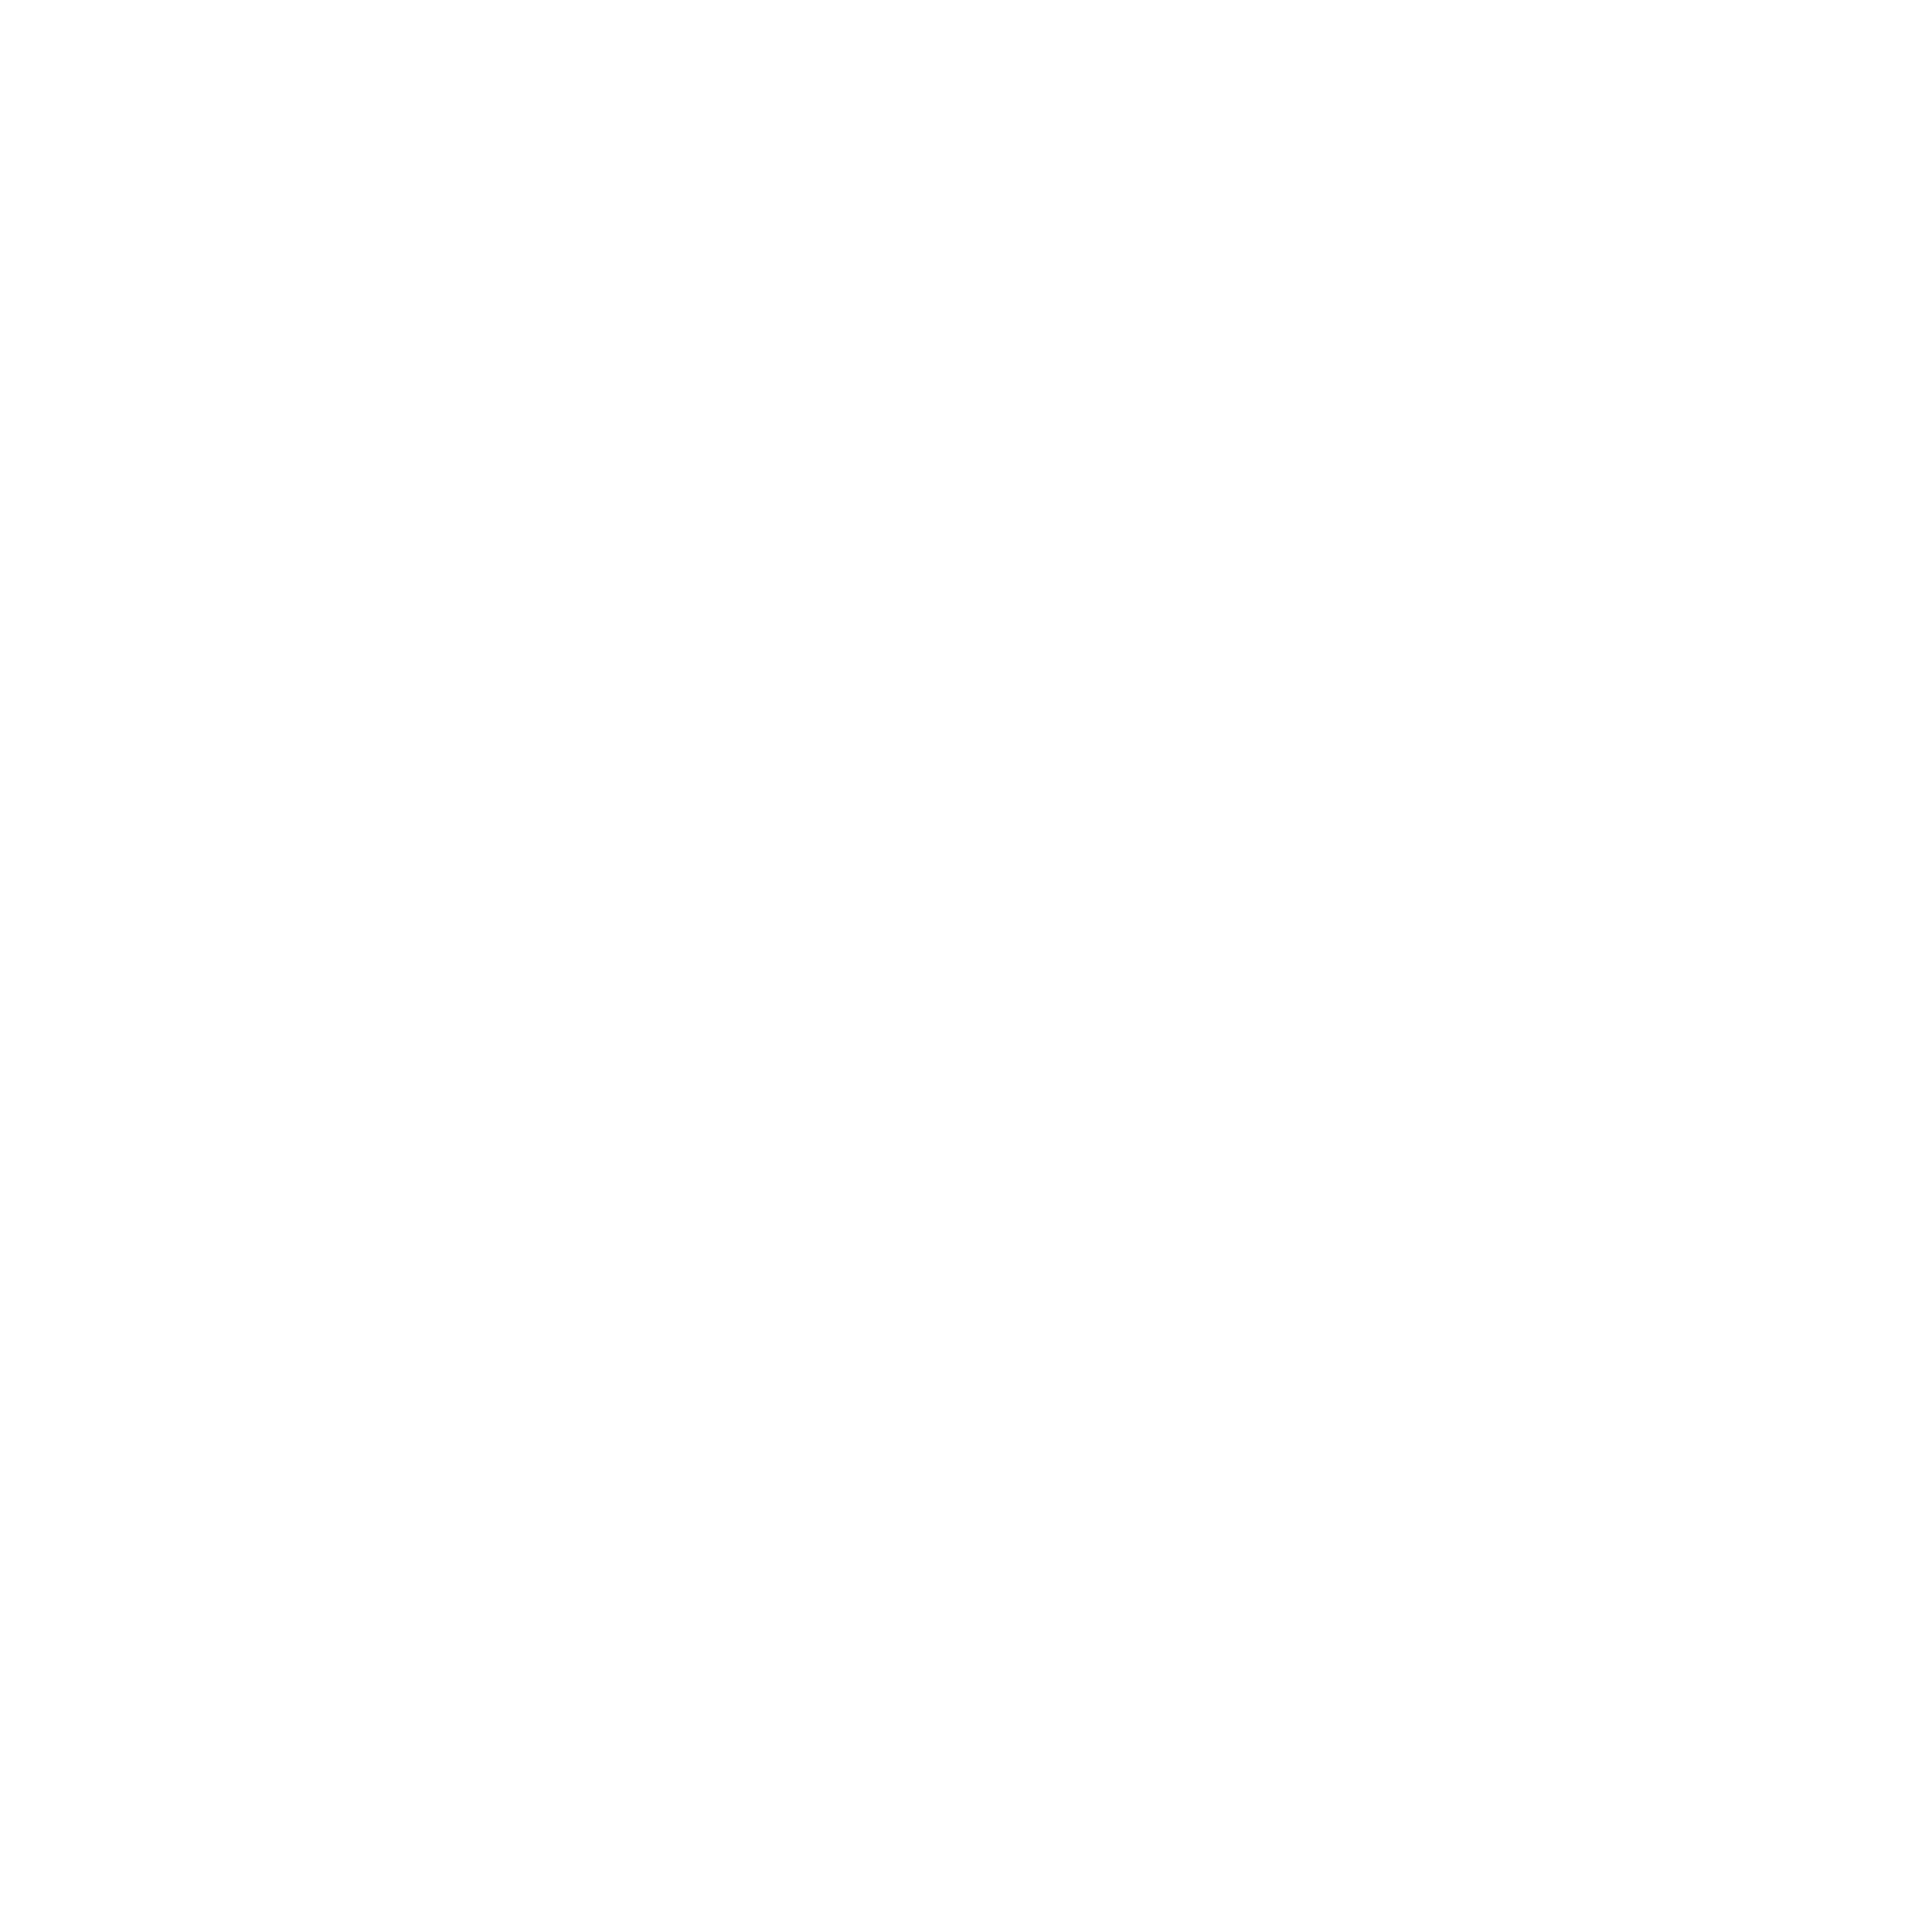 berkeley county school district employment